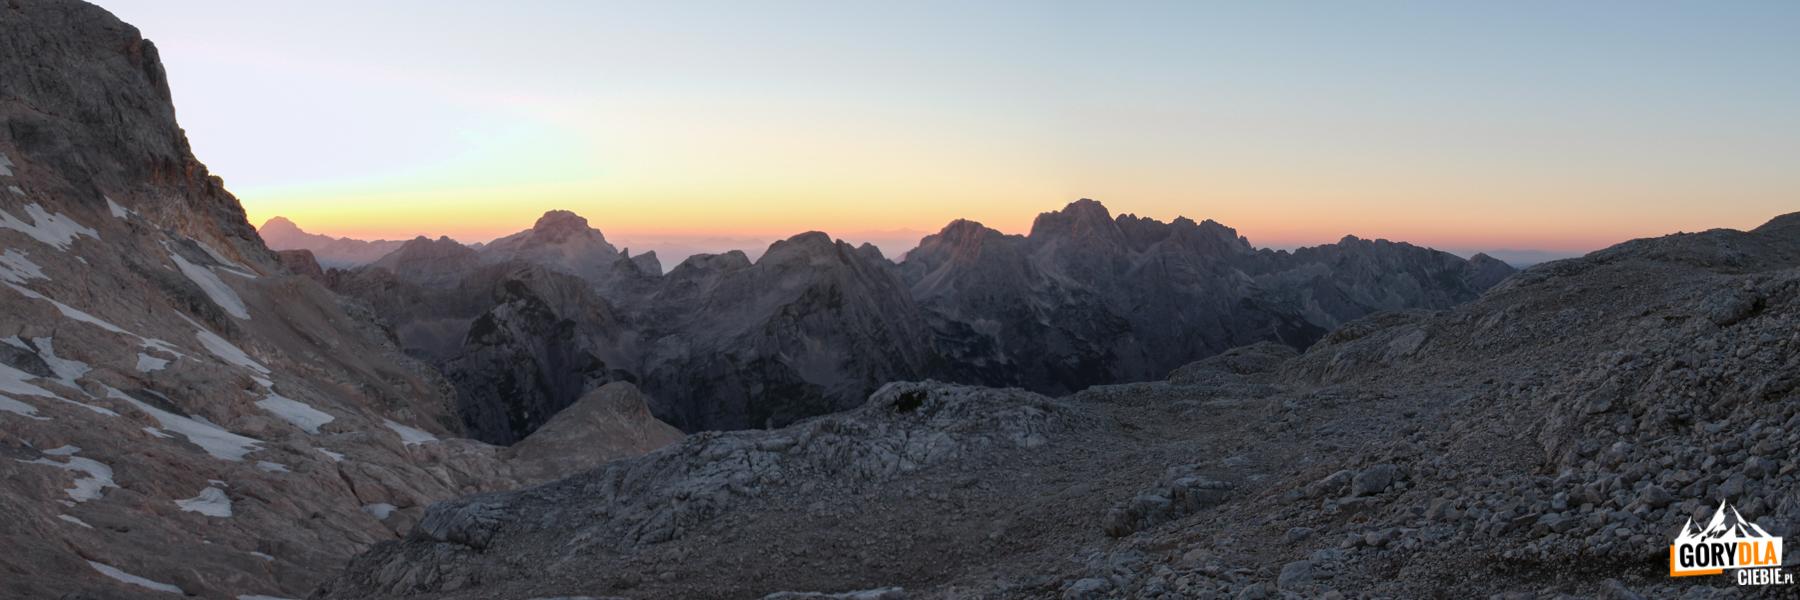 Zachód słońca w Alpach Julijskich